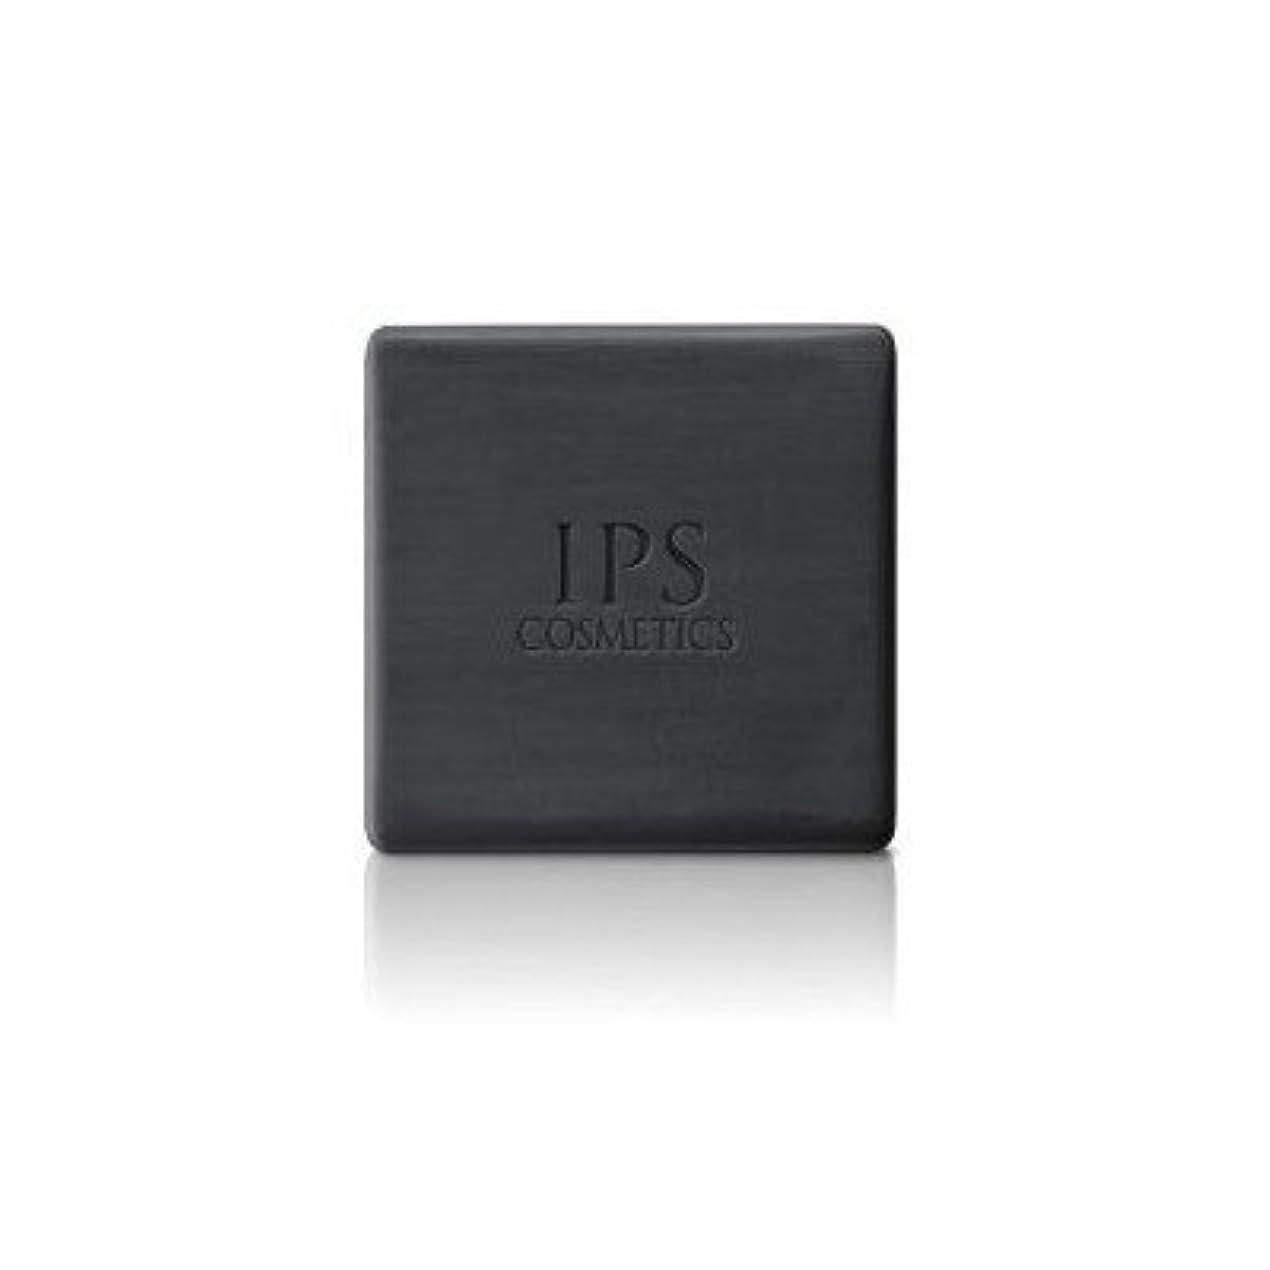 波ヘッジ便宜IPS コンディショニングバー 洗顔石鹸 120g